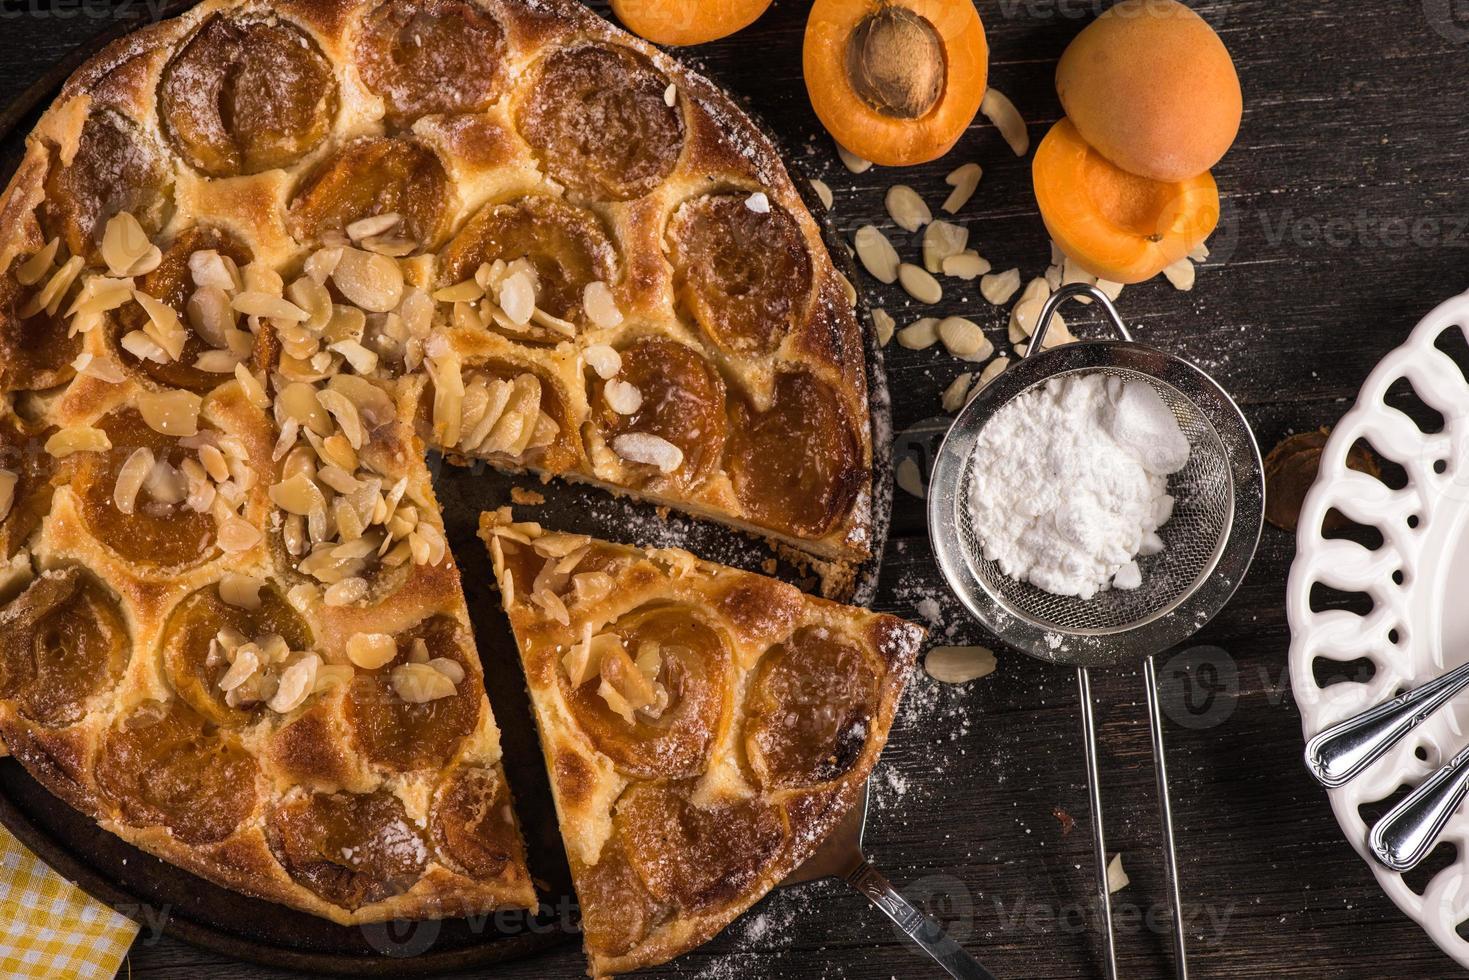 hausgemachte Aprikosentarte mit Mandeln und frischen Früchten foto